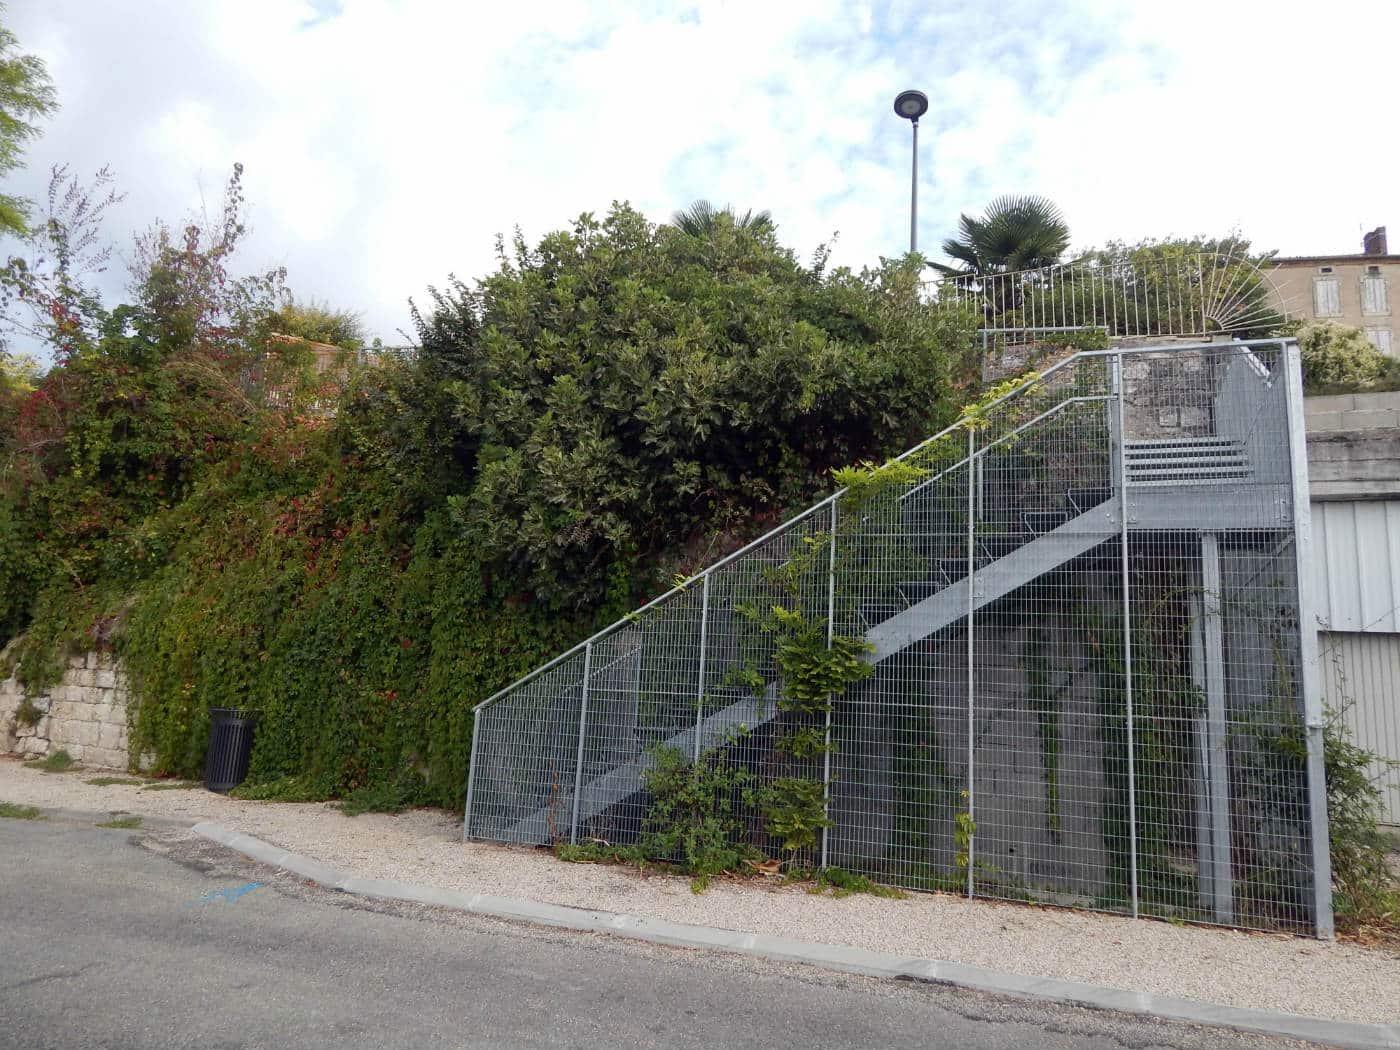 Escalier et végétation